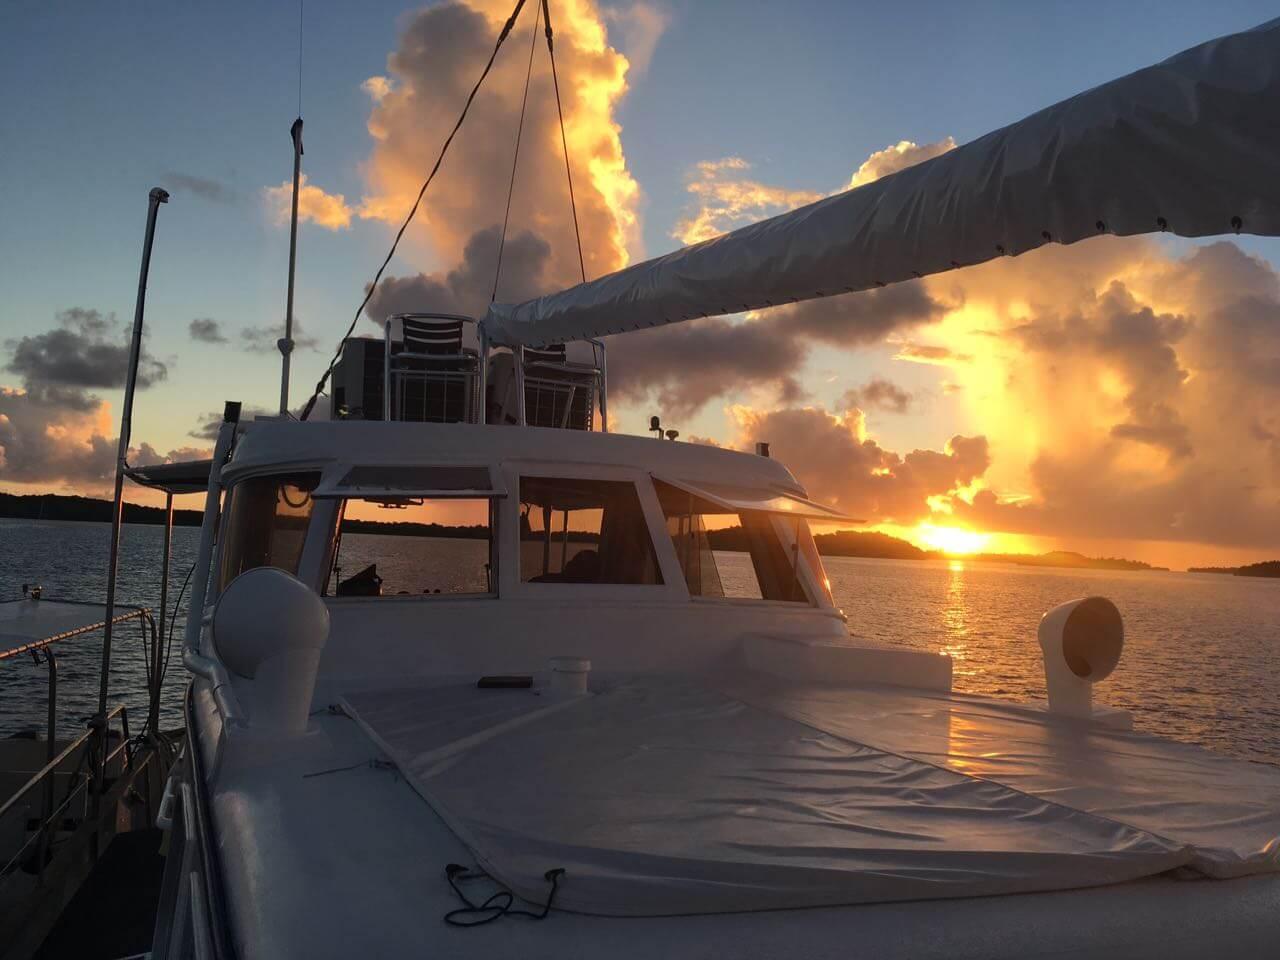 Blick auf den Sonnenuntergang von einem anliegenden Boot aus.